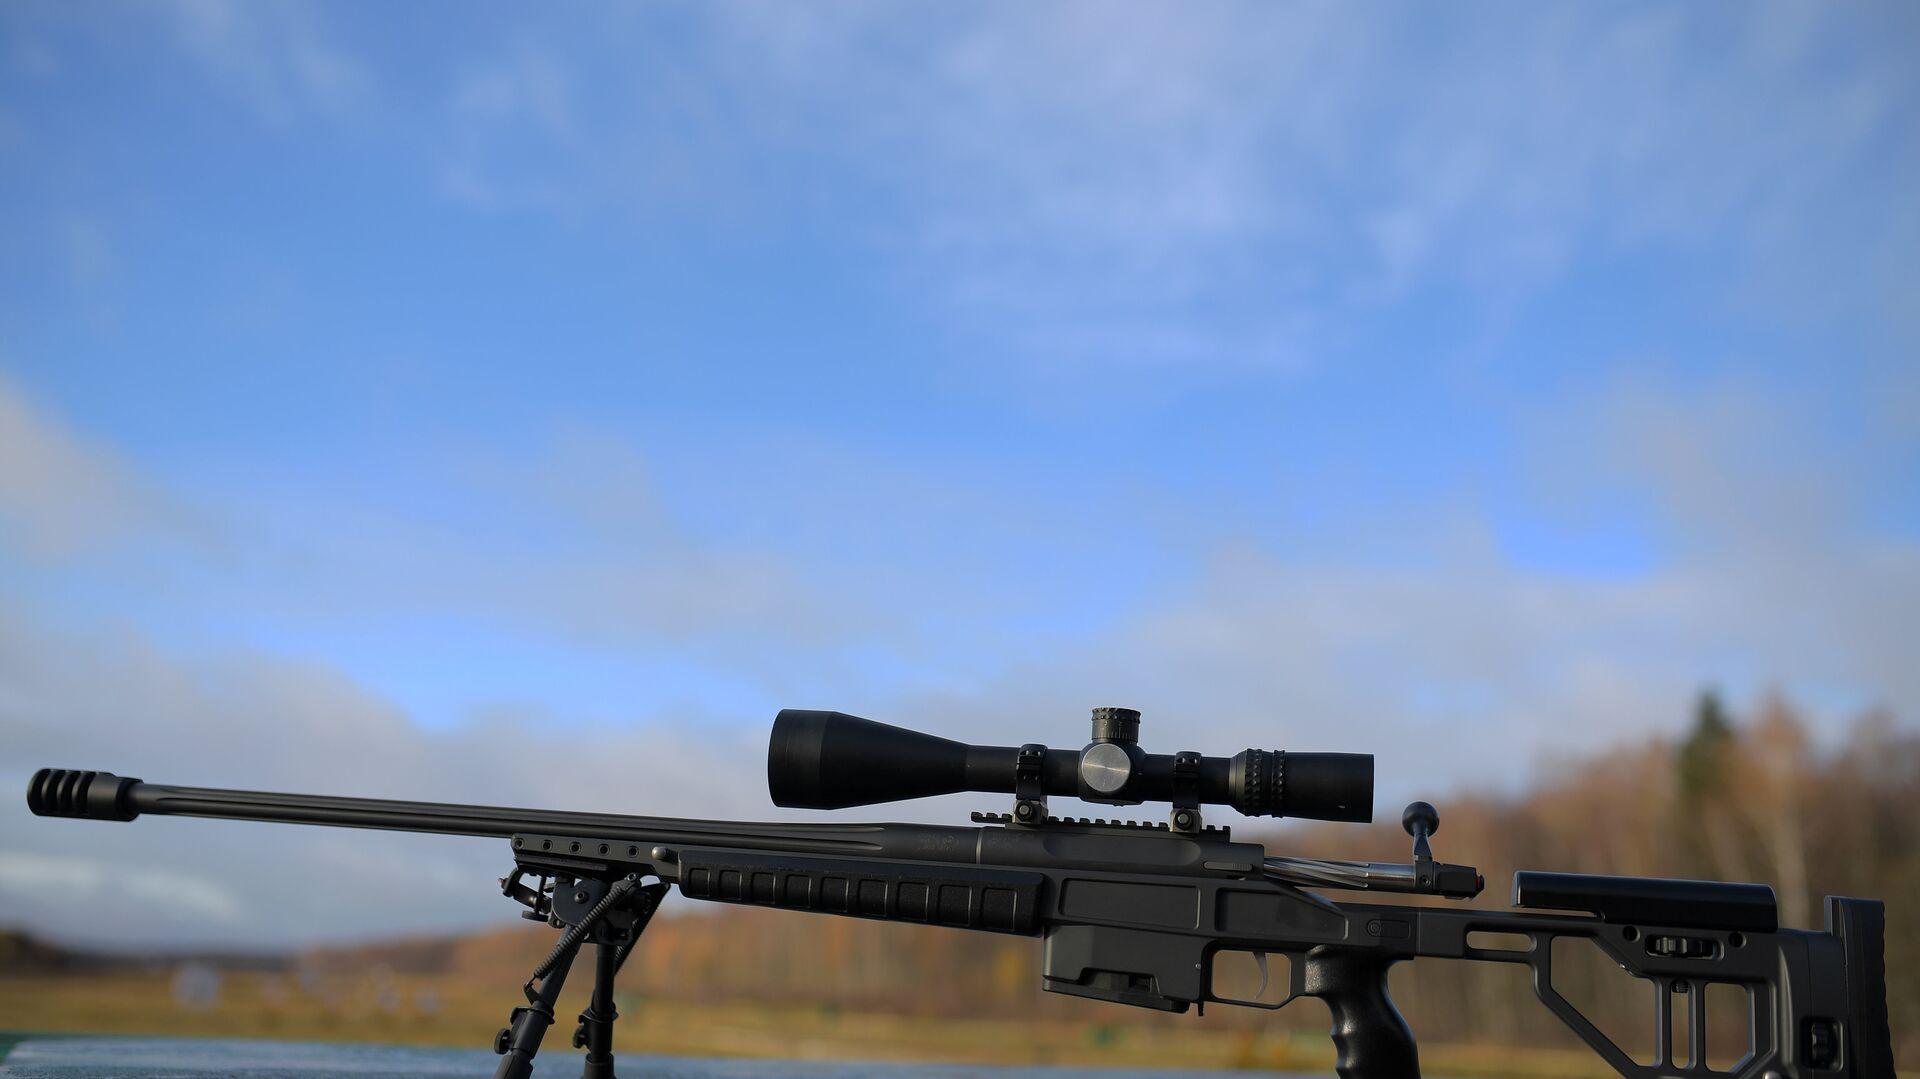 Высокоточная снайперская винтовка ORSIS Т-5000 - РИА Новости, 1920, 27.11.2019